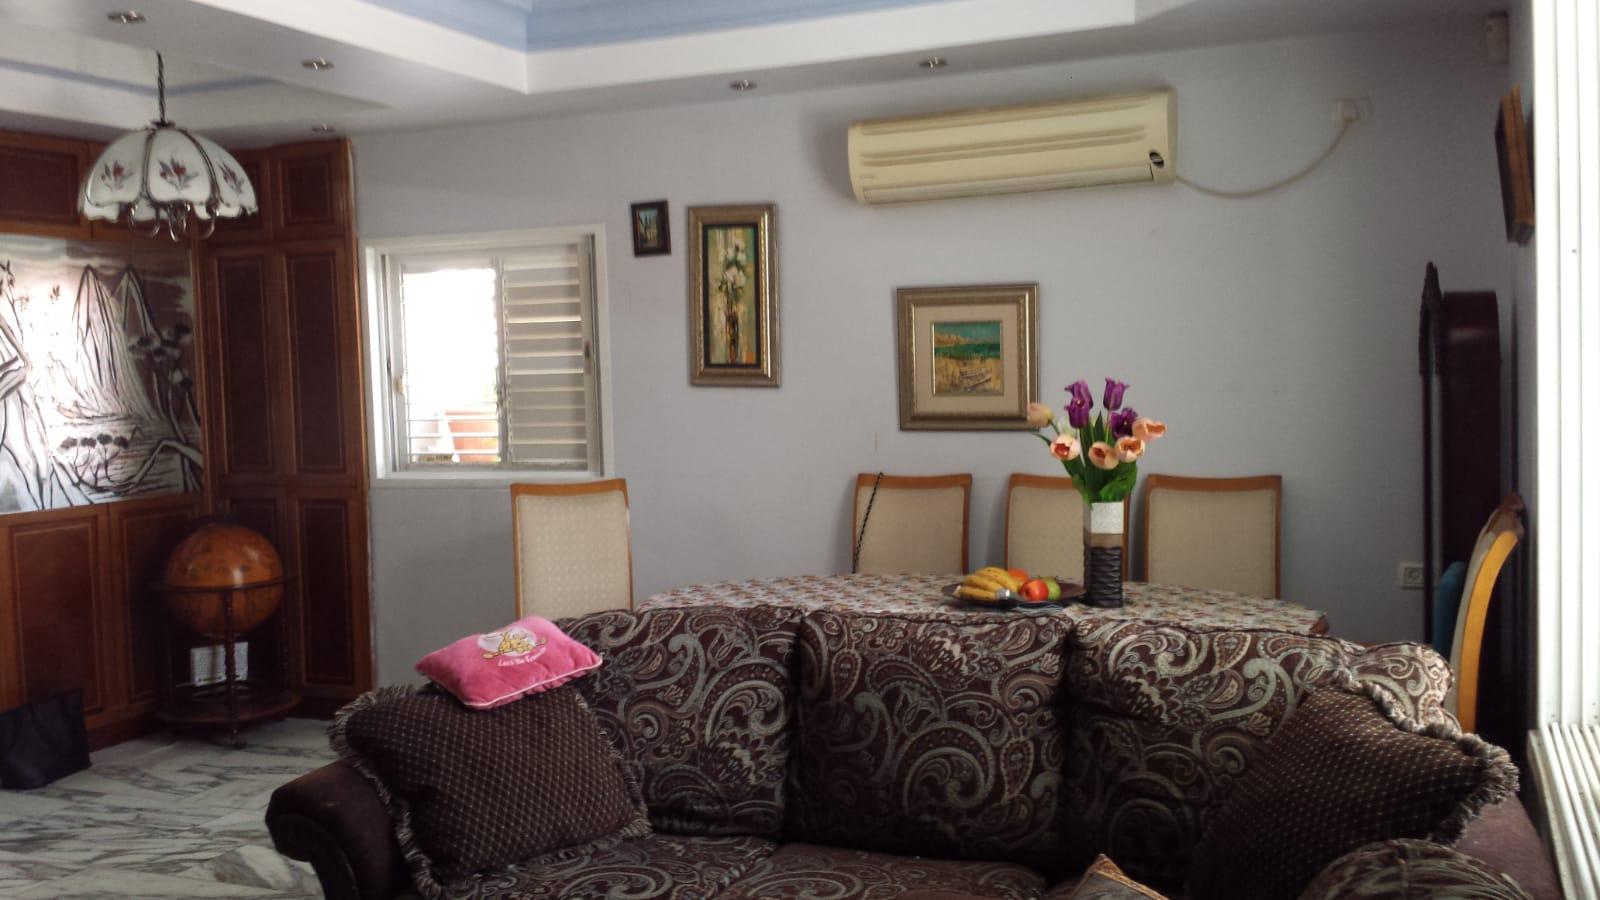 בית פרטי למכירה 7 חדרים 2,900,000₪, בת ים